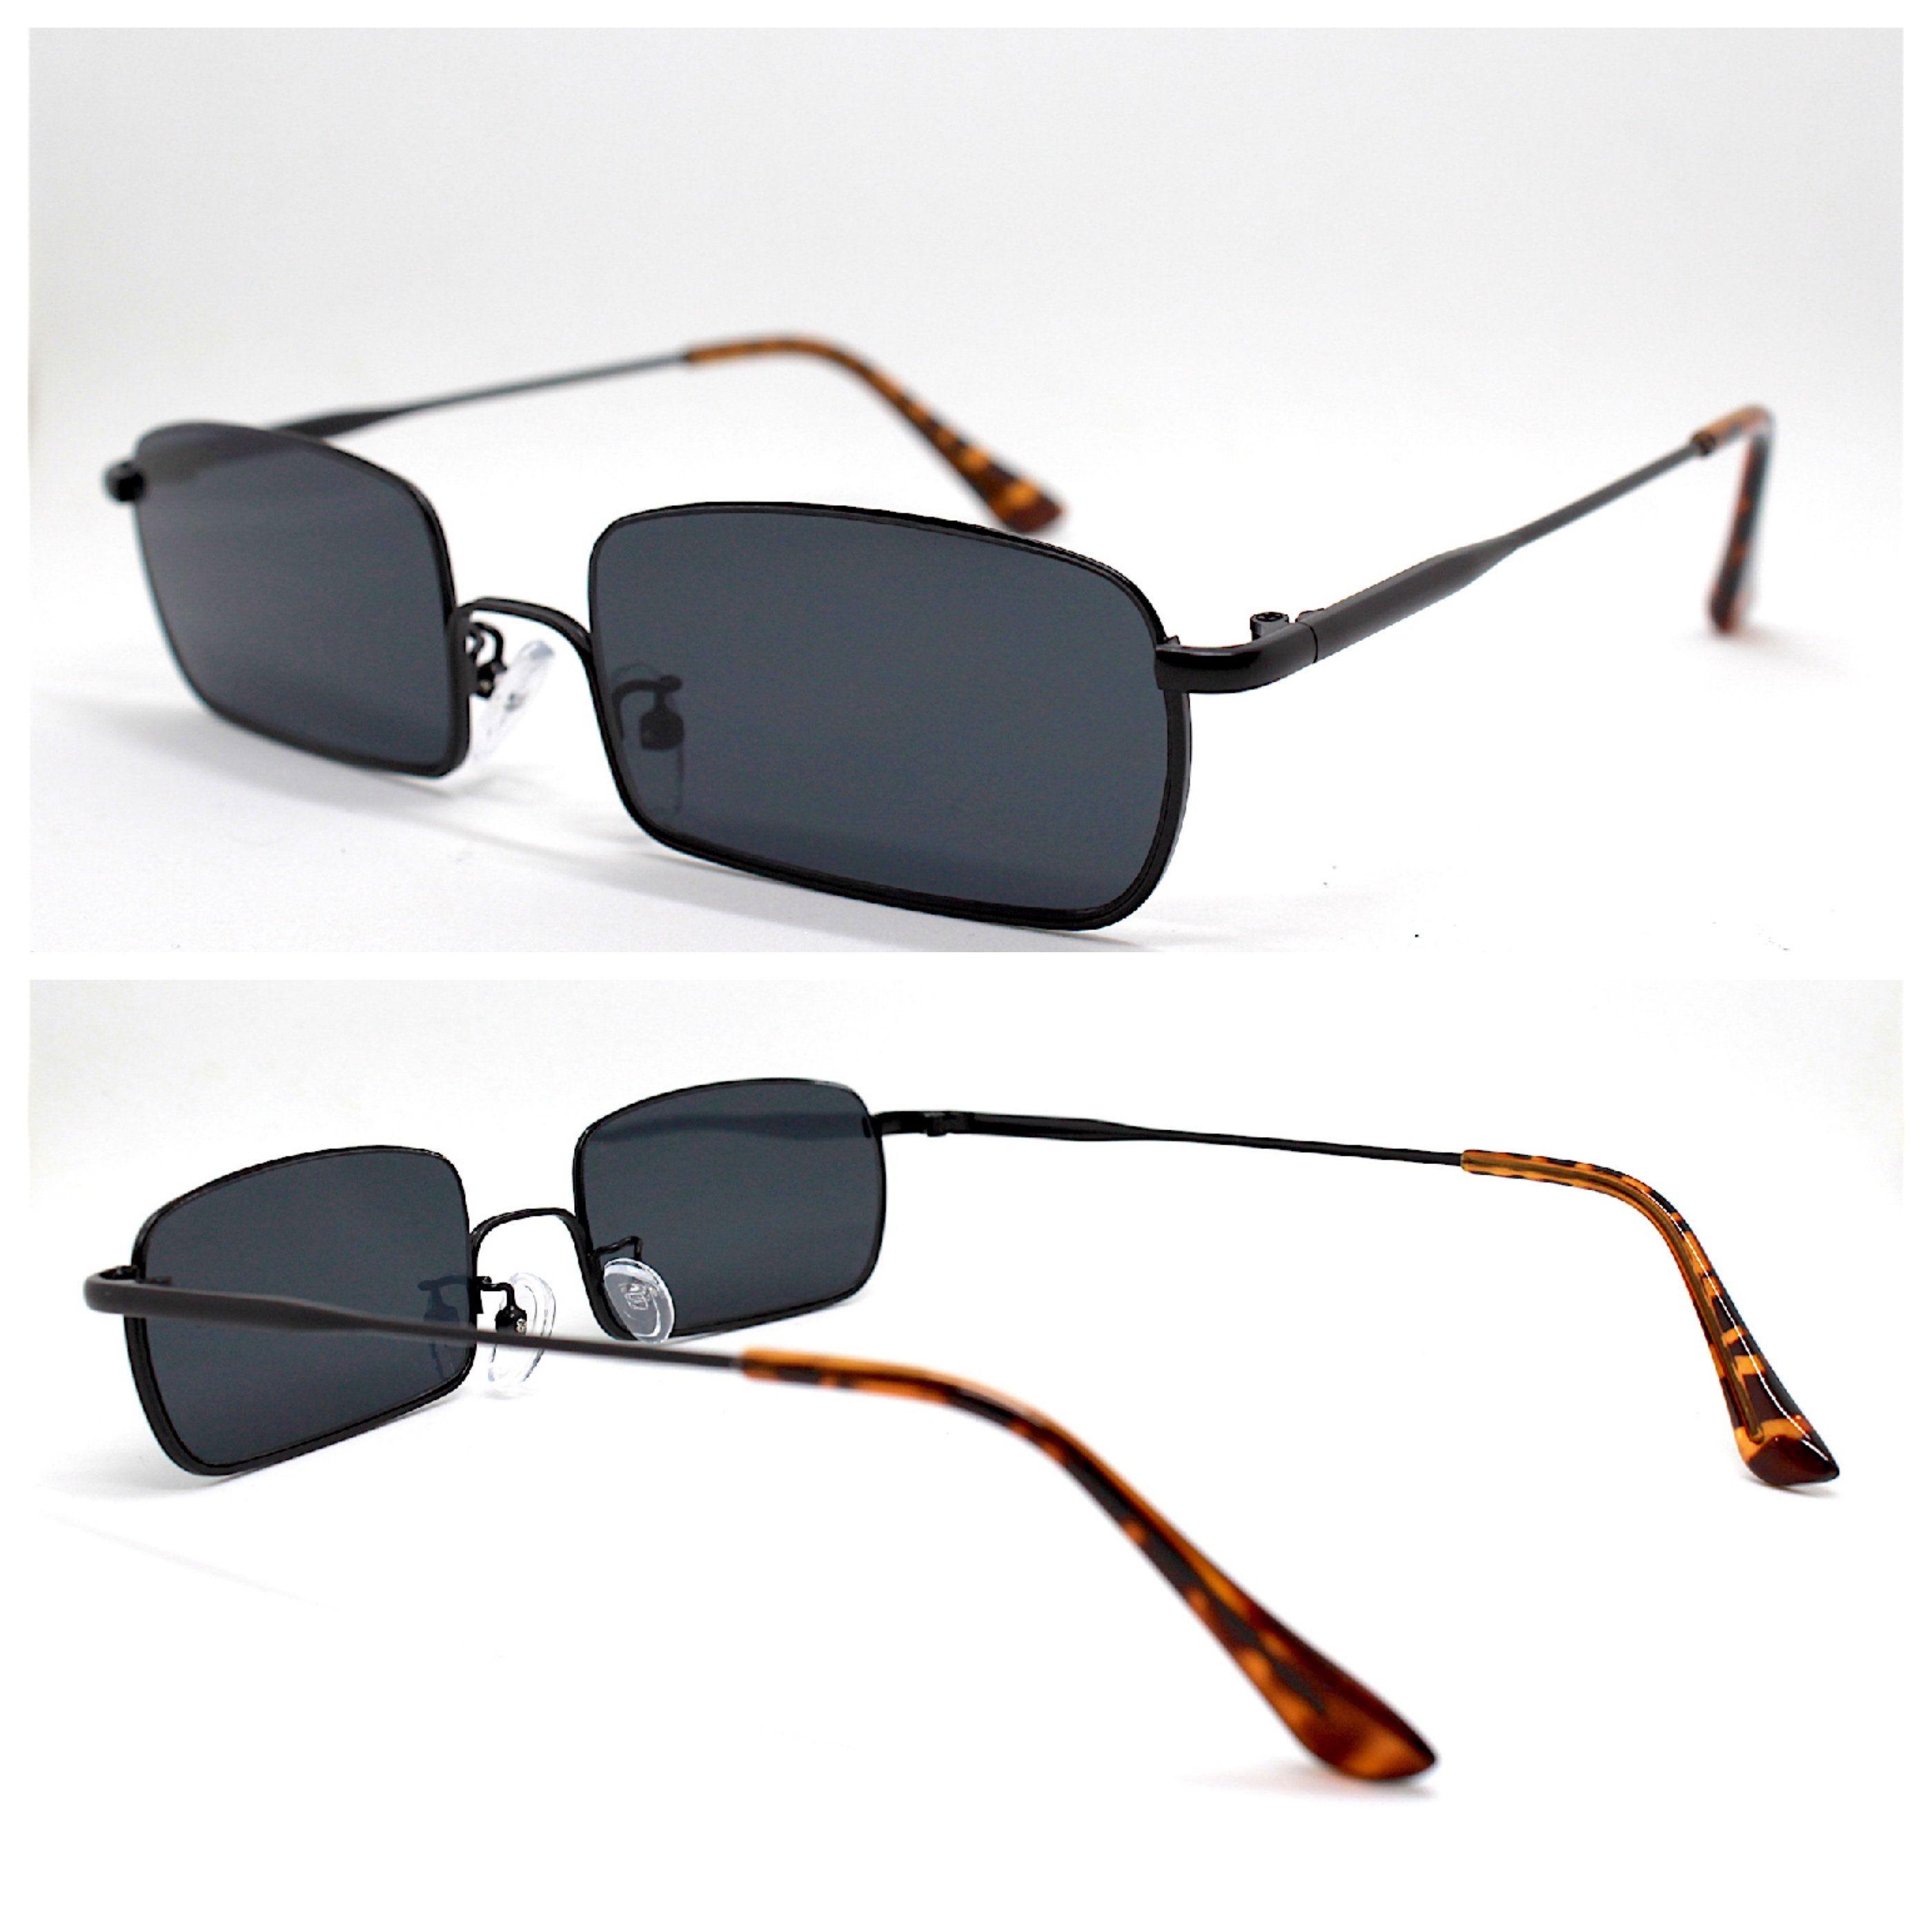 X-CRUZE/® occhiali da sole nerd polarizzati stile retro vintage unisex uomo donna occhiali da nerd